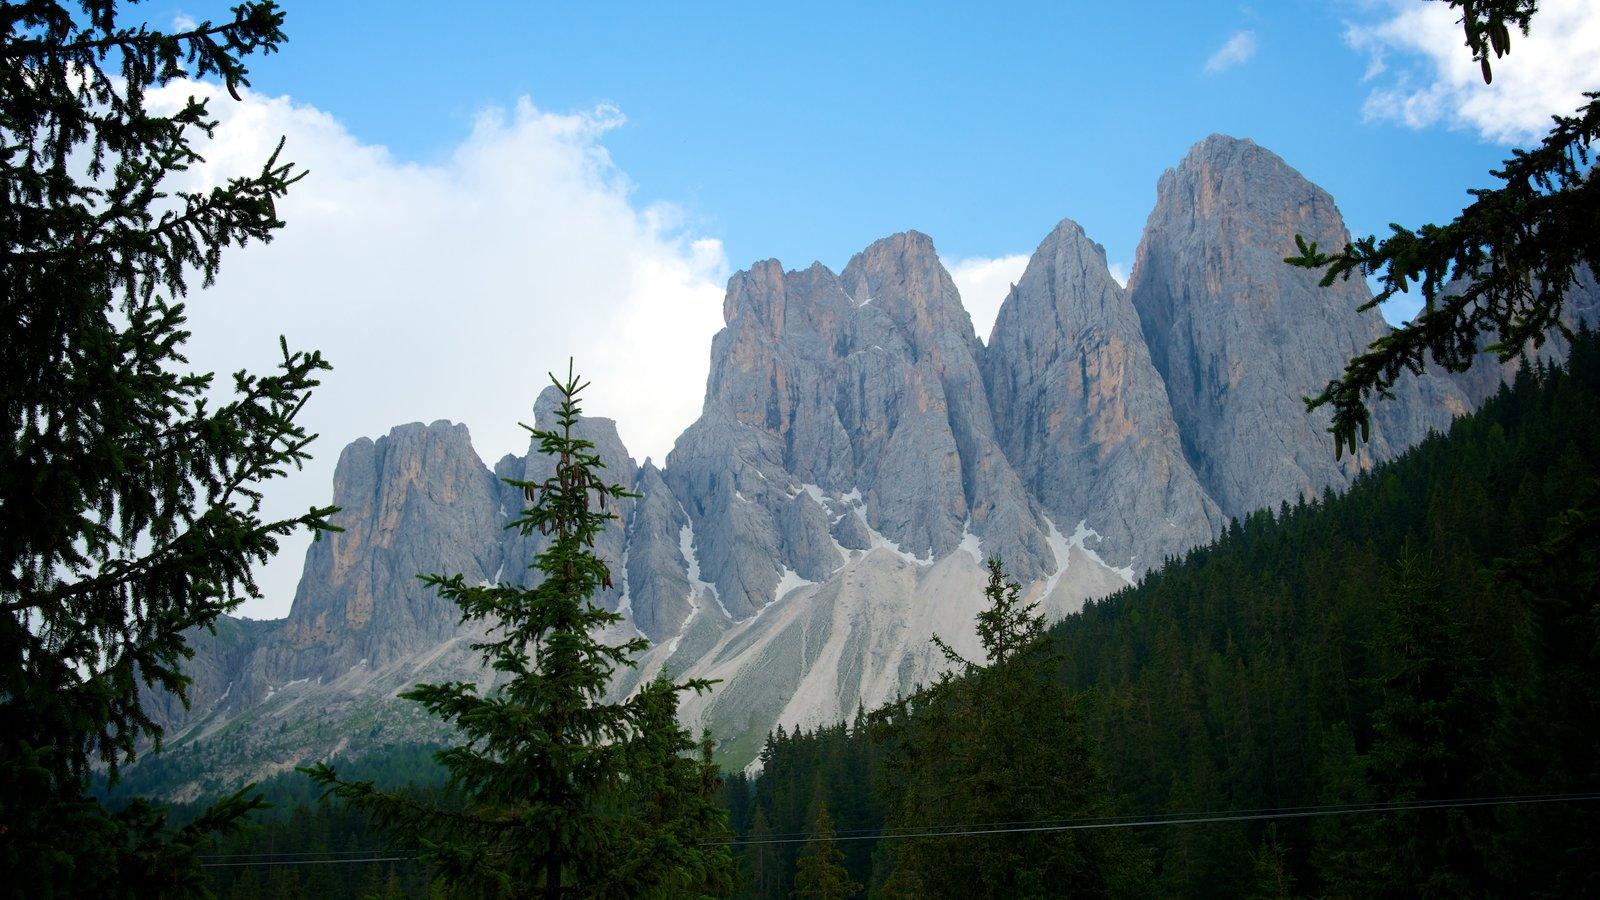 Funes mostrando florestas e montanhas